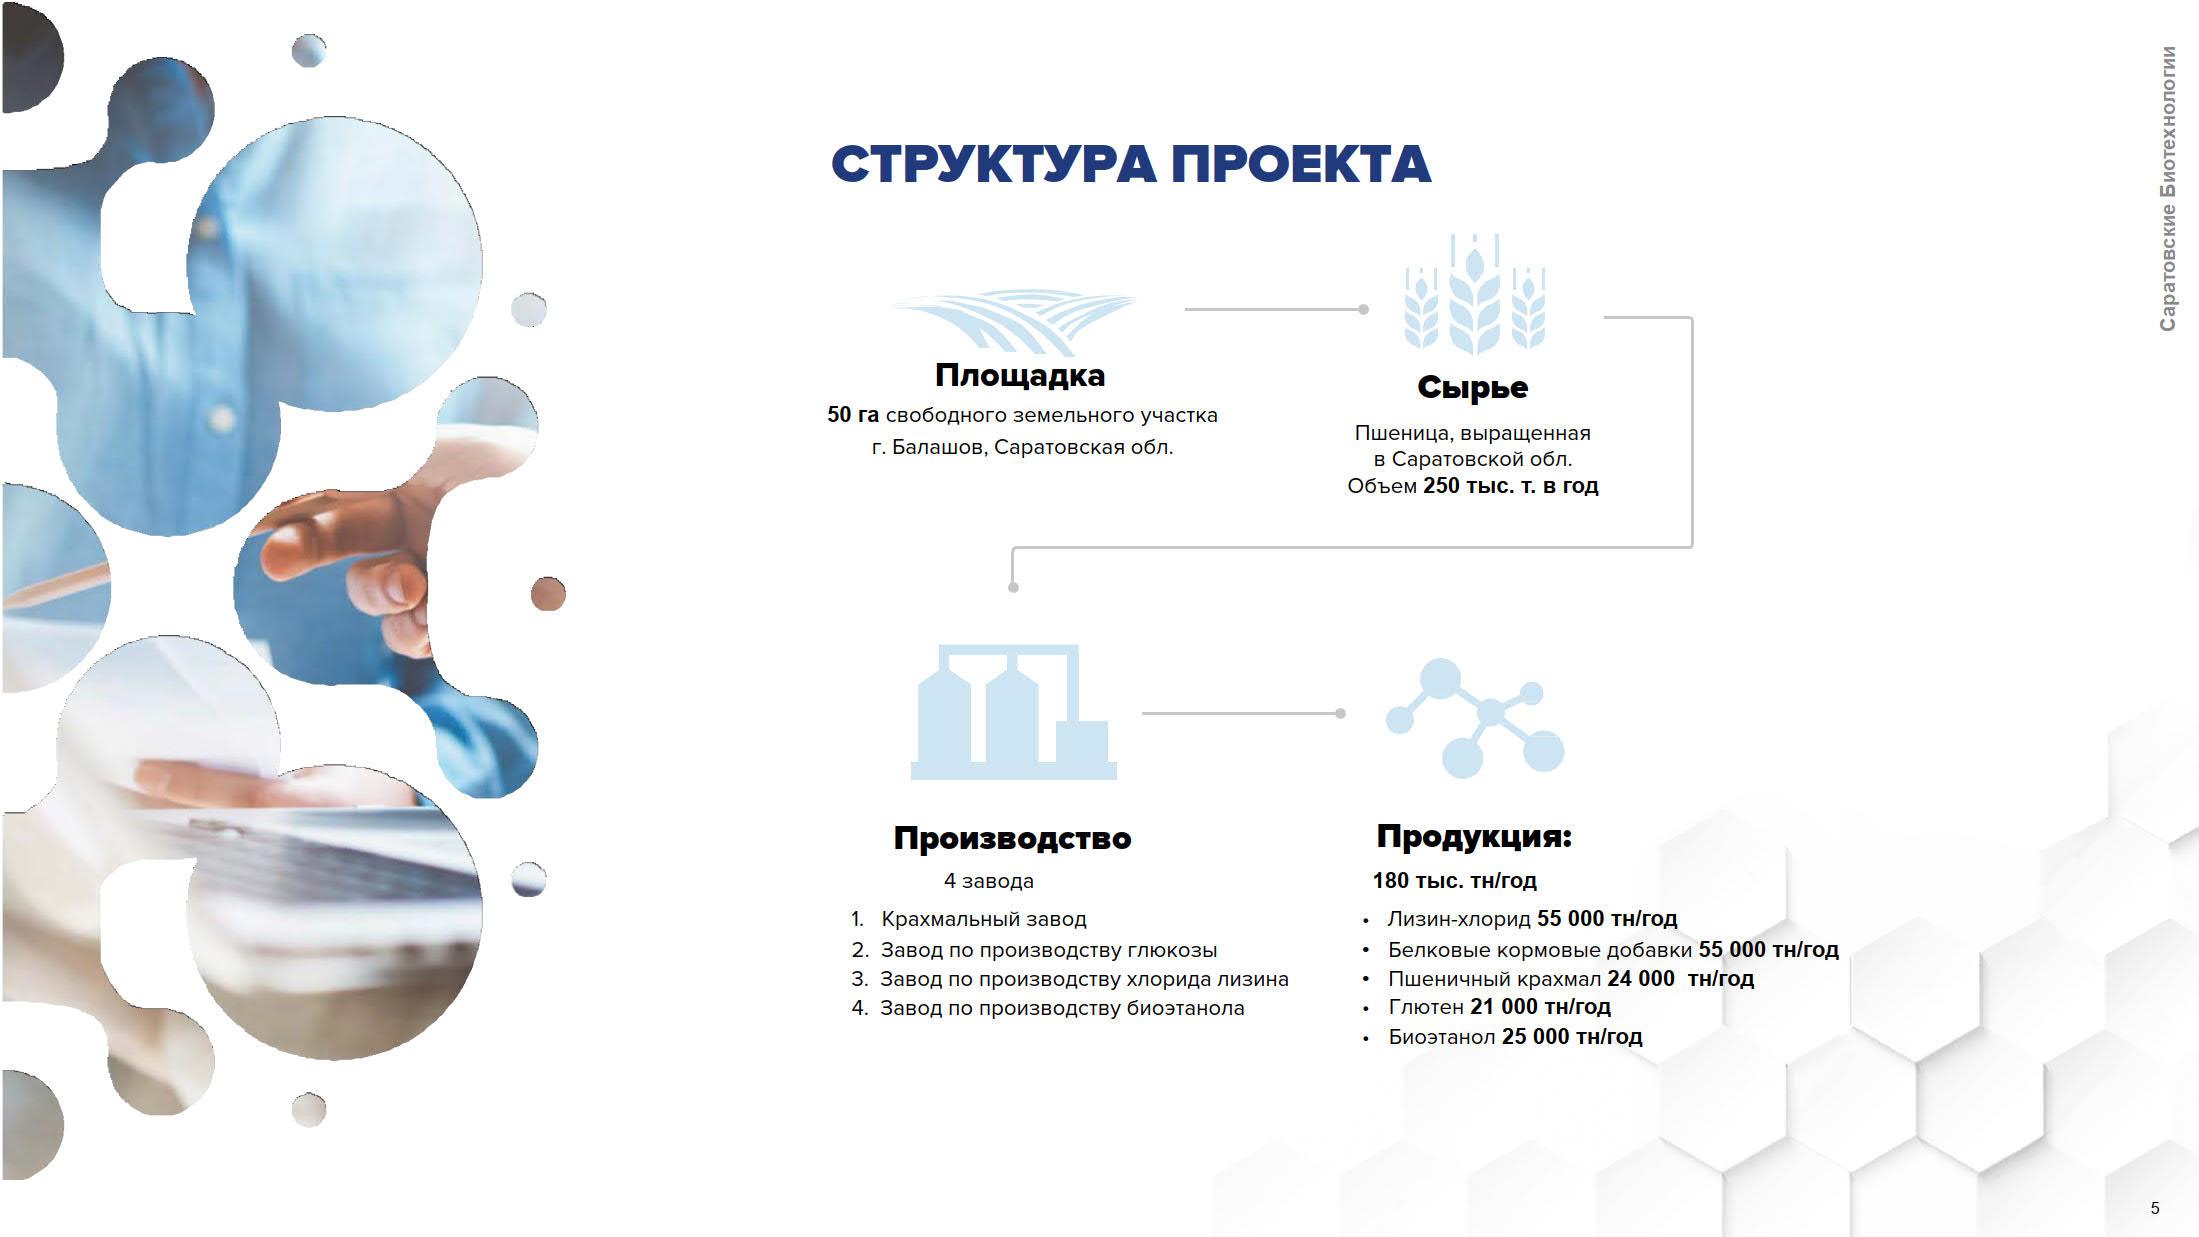 Презентация производственного комплекса по глубокой переработке пшеницы